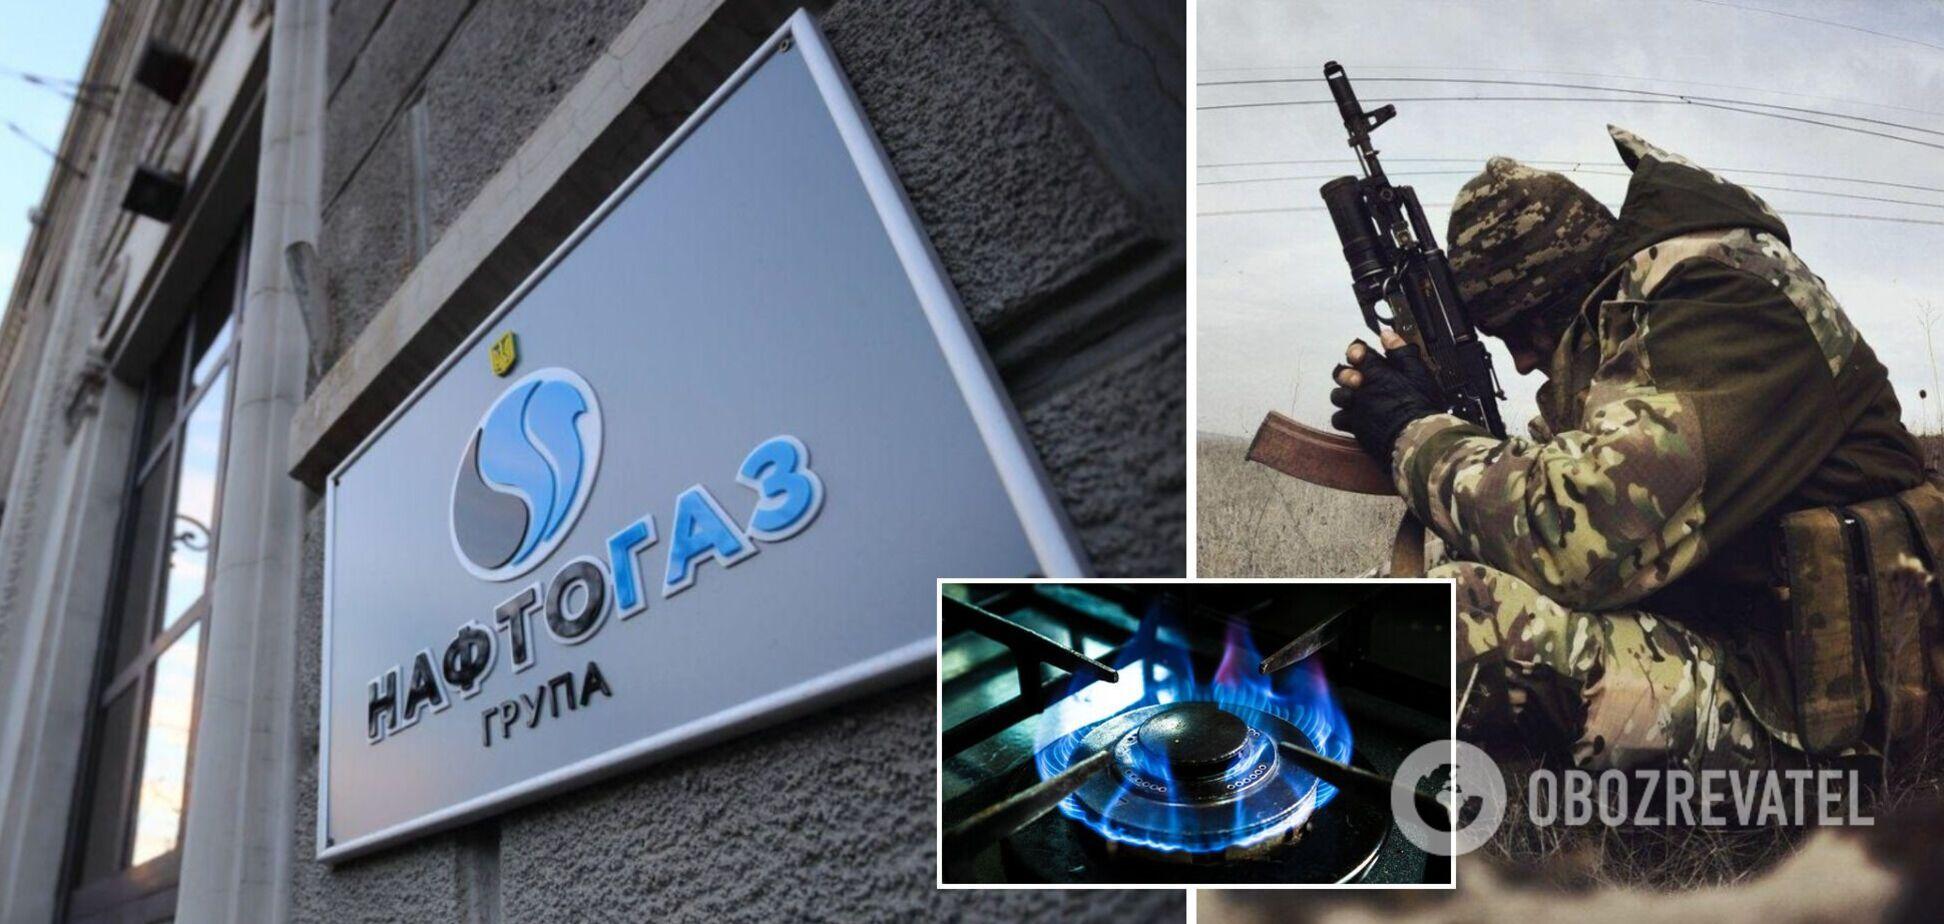 Новини України: у госпіталі помер воїн ЗСУ, а 'Нафтогаз' відповів на пропозицію 'Газпрому' щодо транзиту